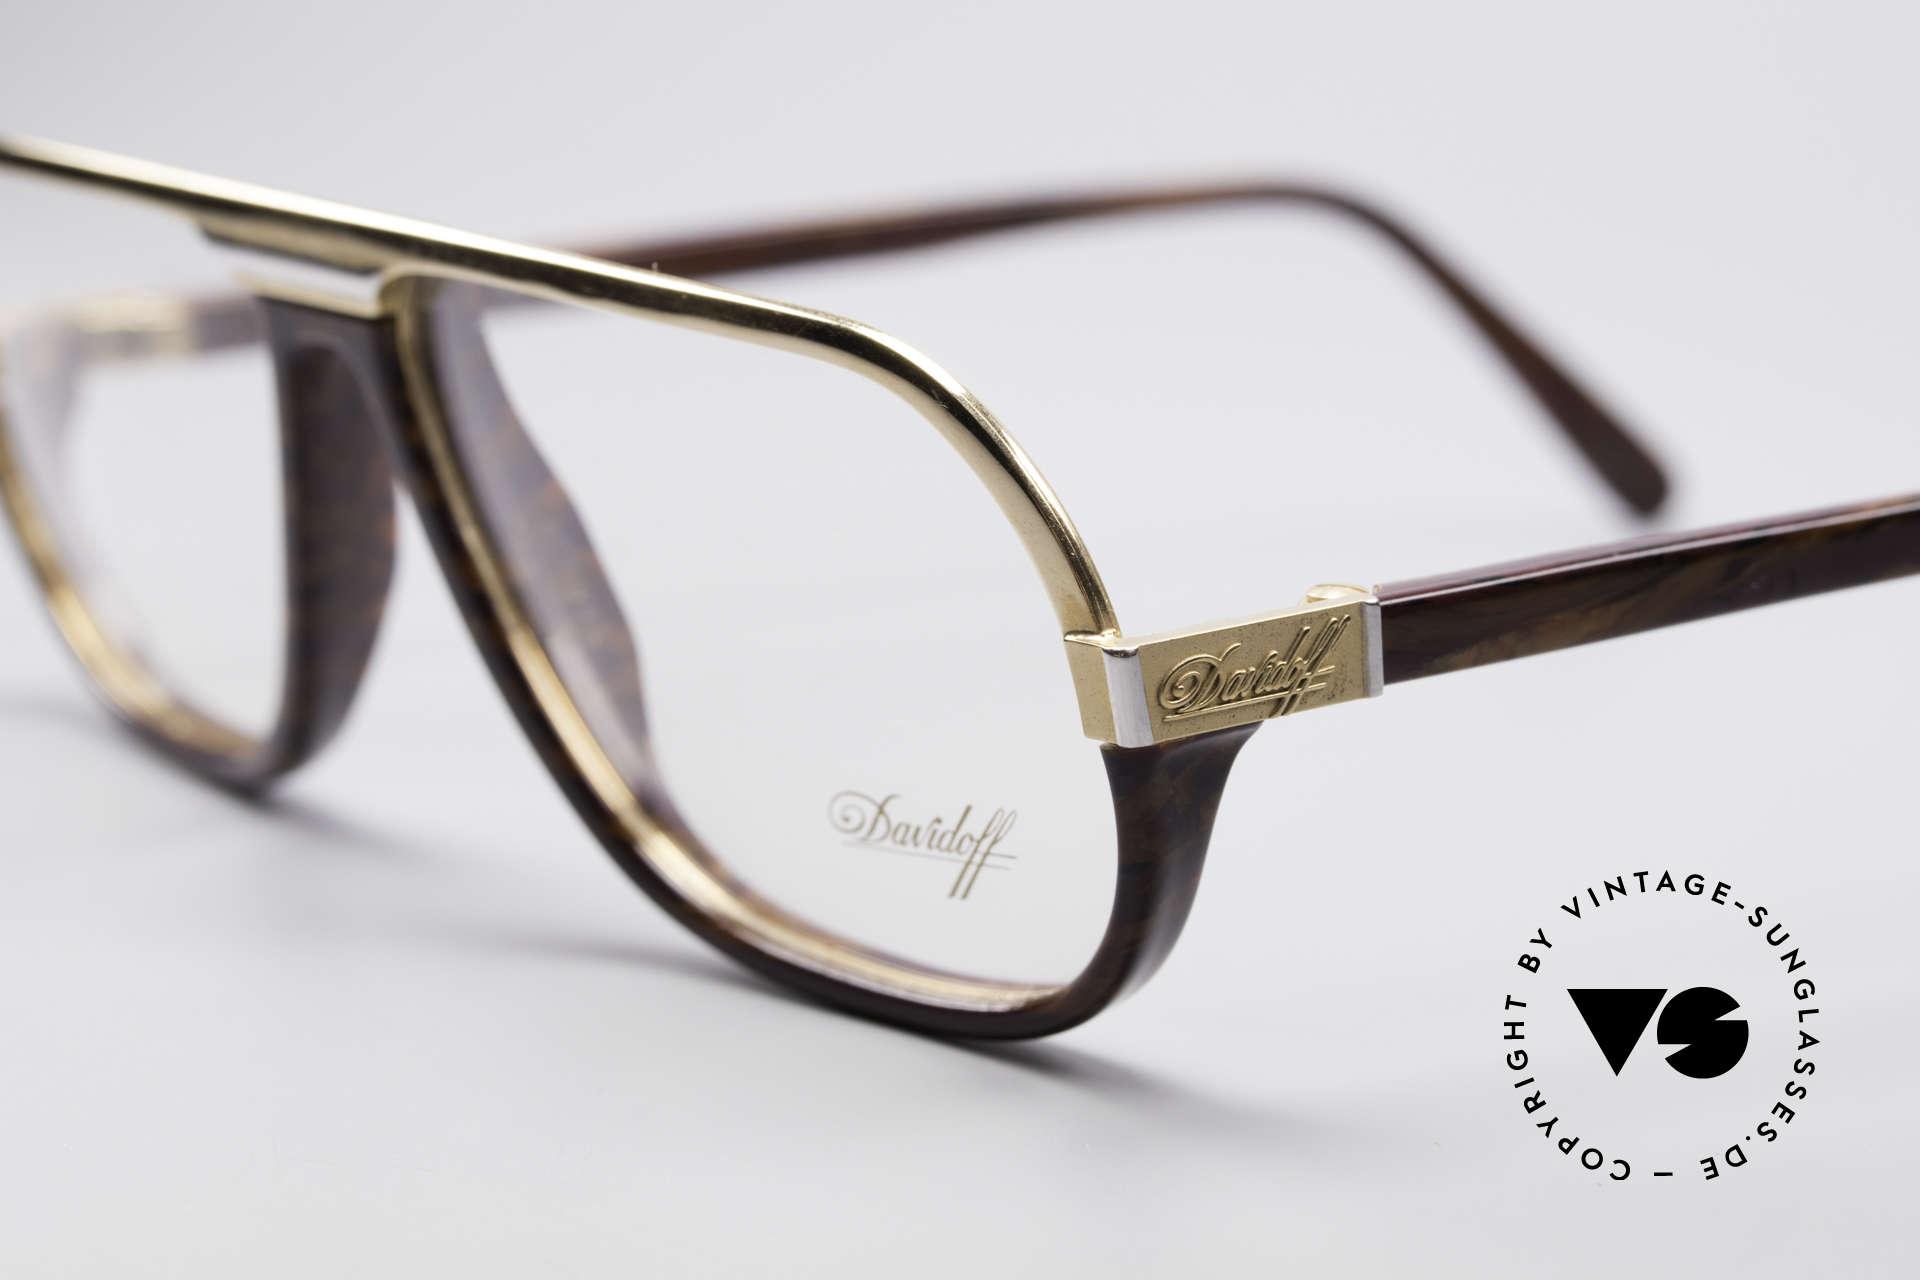 Davidoff 300 Kleine Herren Vintage Brille, Gentleman-Brille: stilvoll, elegant und zudem sehr selten, Passend für Herren